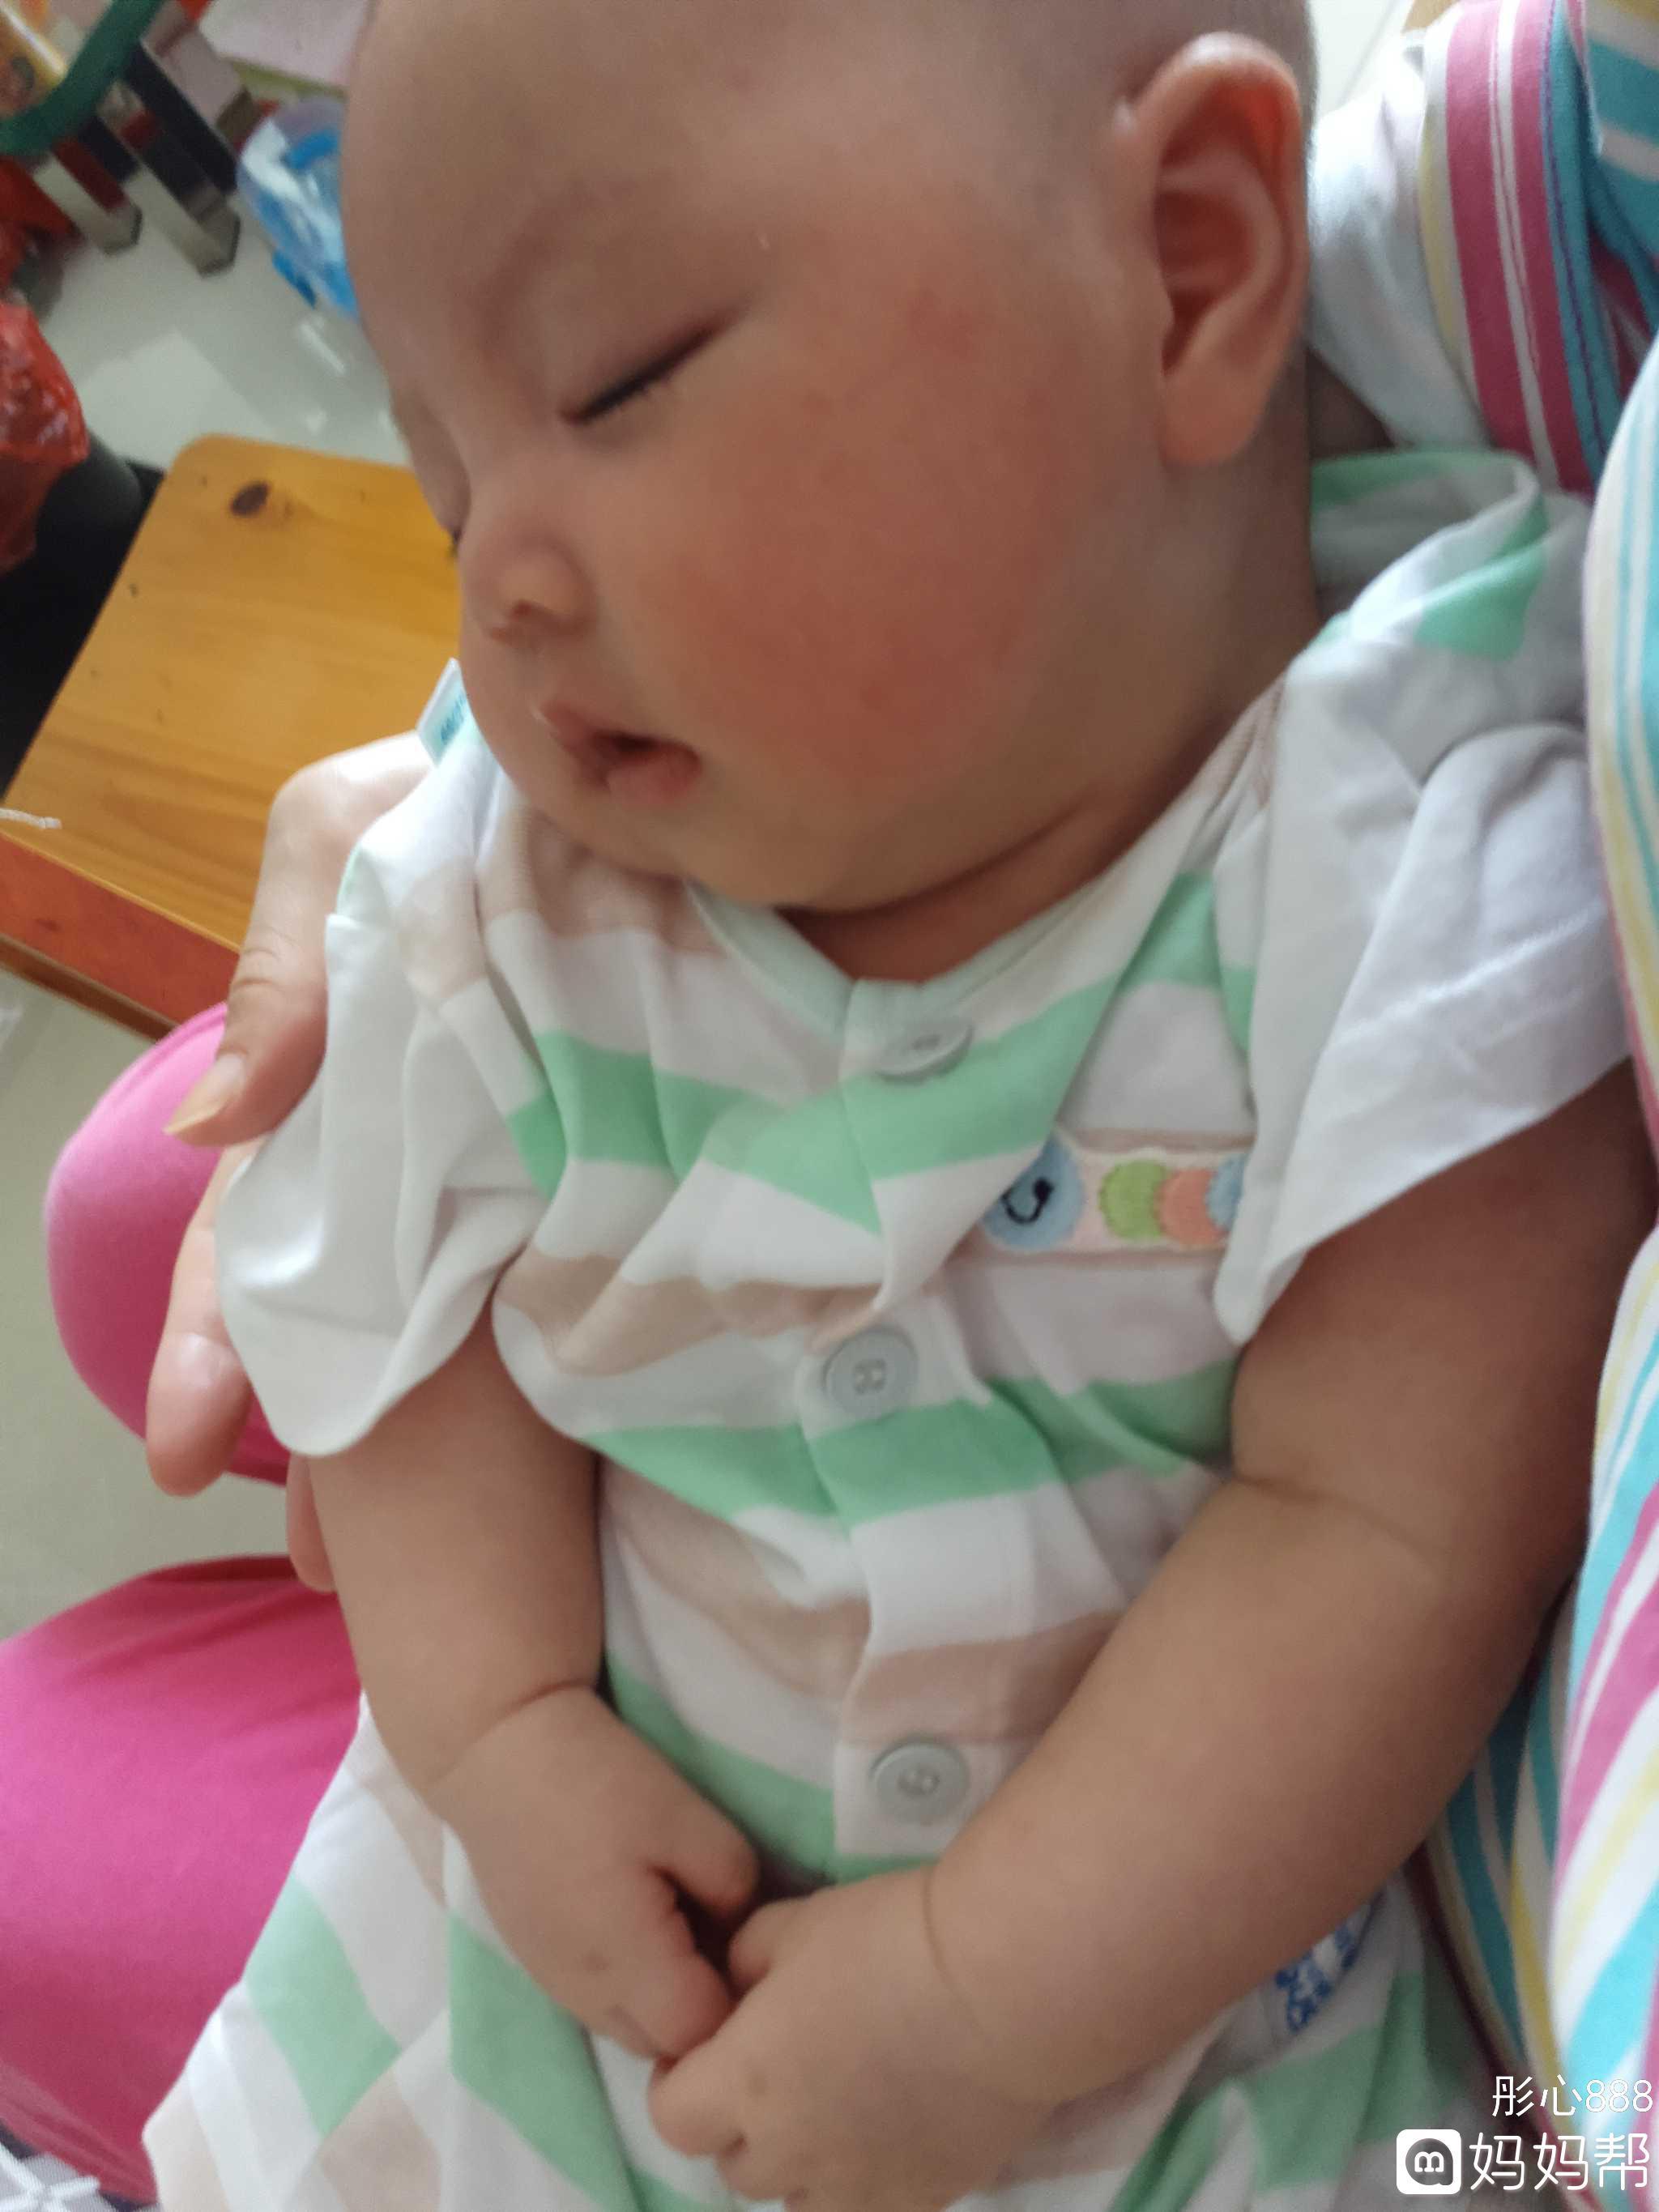 宝宝小心脏受不了图片_宝宝今天终于自己排便便了,我滴个小心脏终